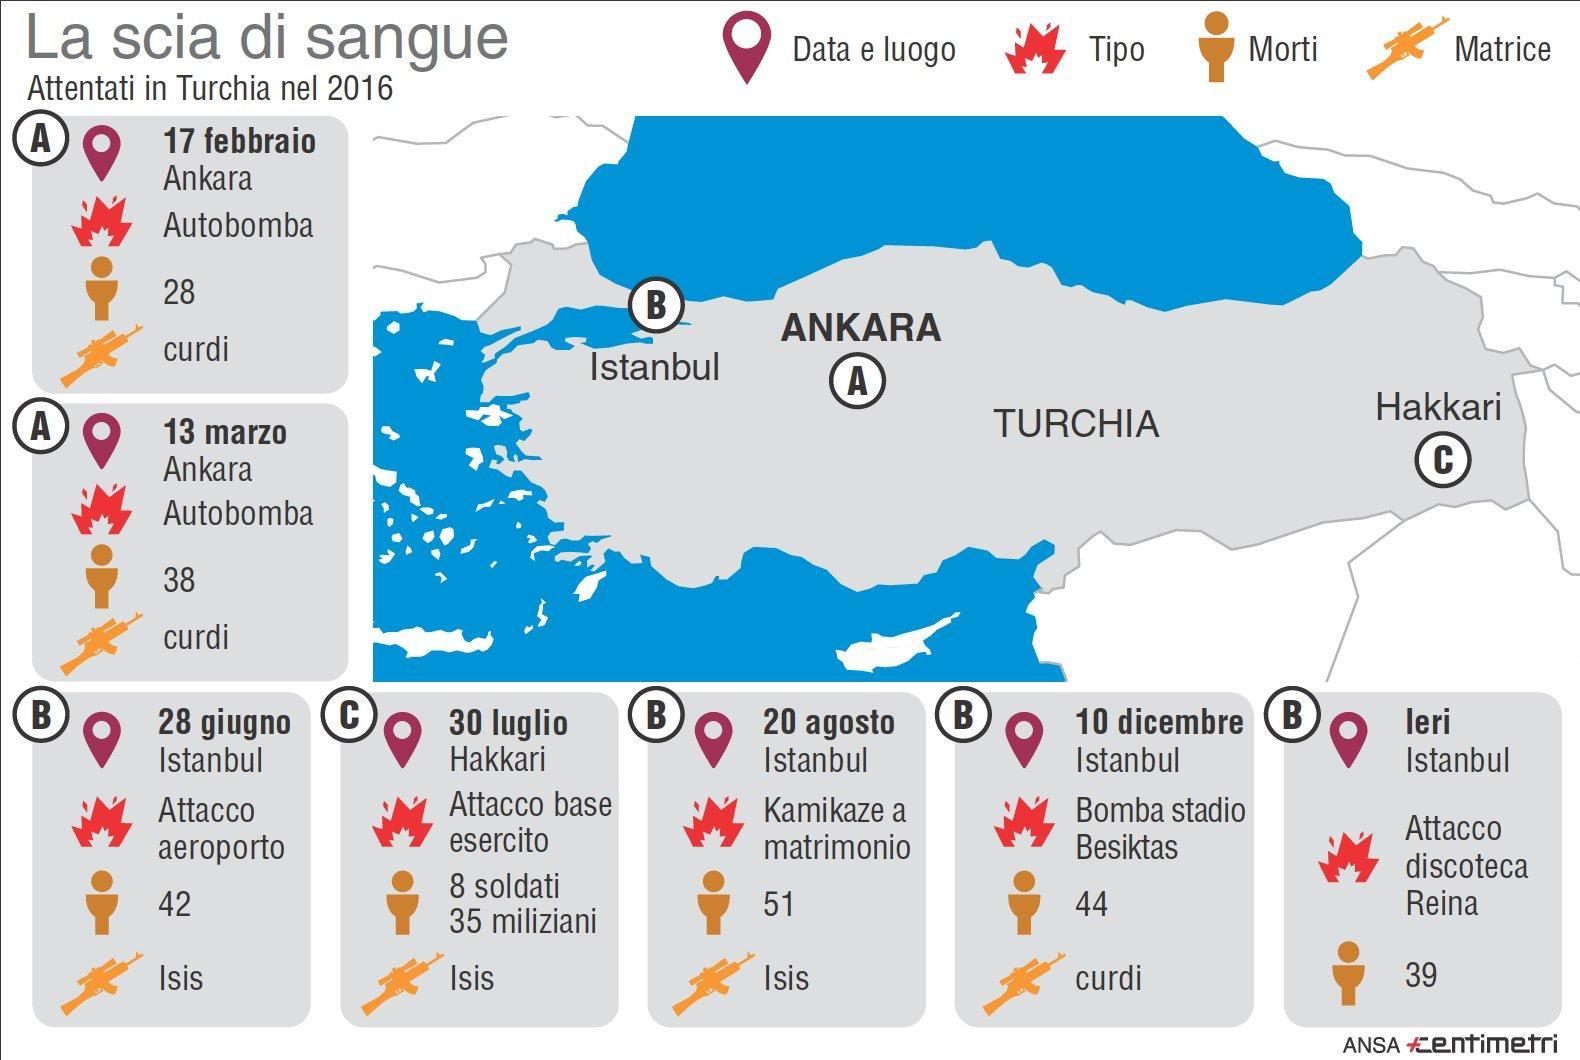 LA SCHEDA - Turchia, la lunga scia di sangue